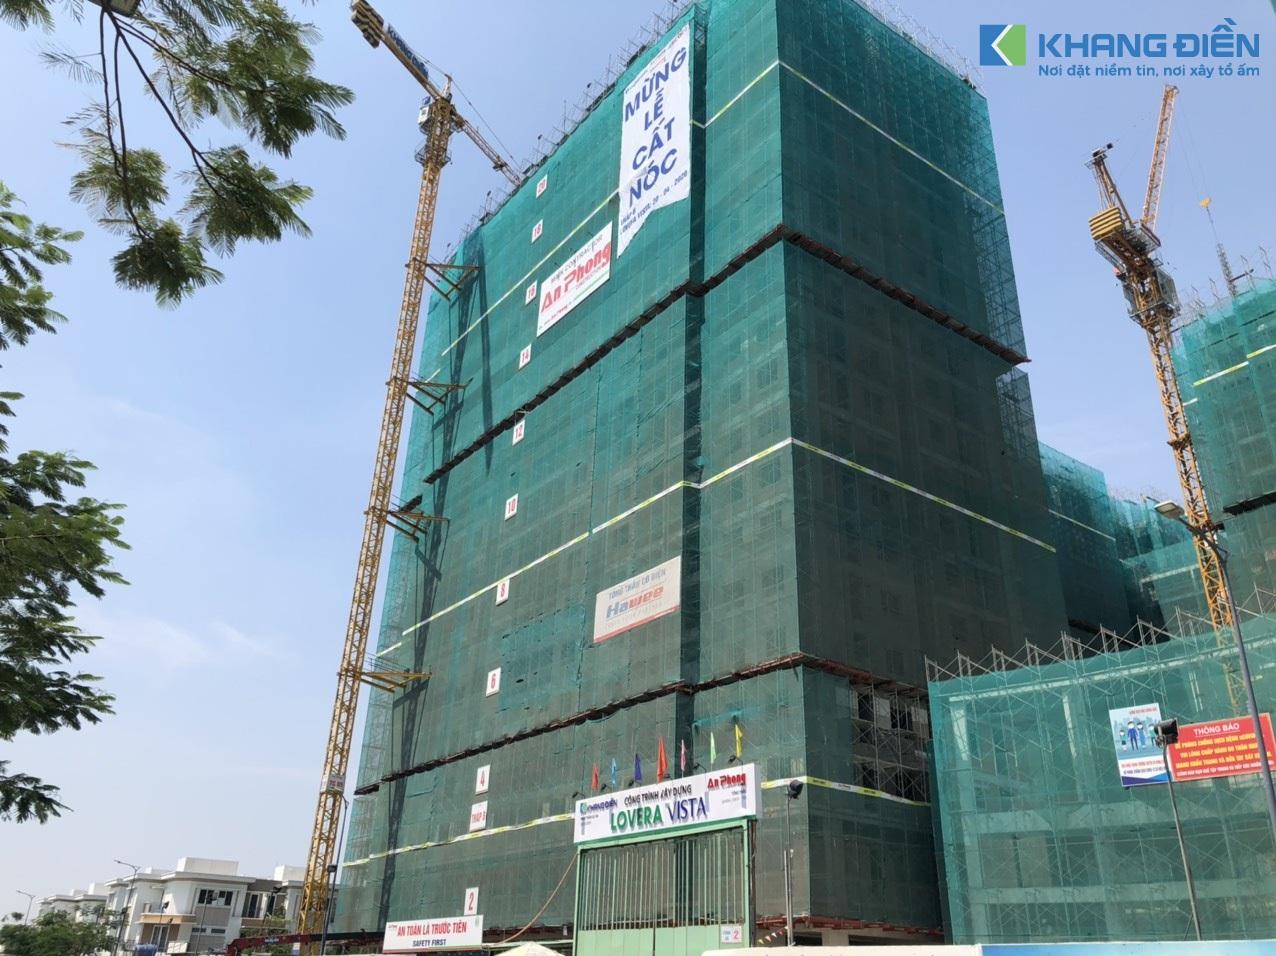 Tổng thầu An Phong cùng các đơn vị liên quan đang tiến hành cất nóc Block B - Khang Điền HCM